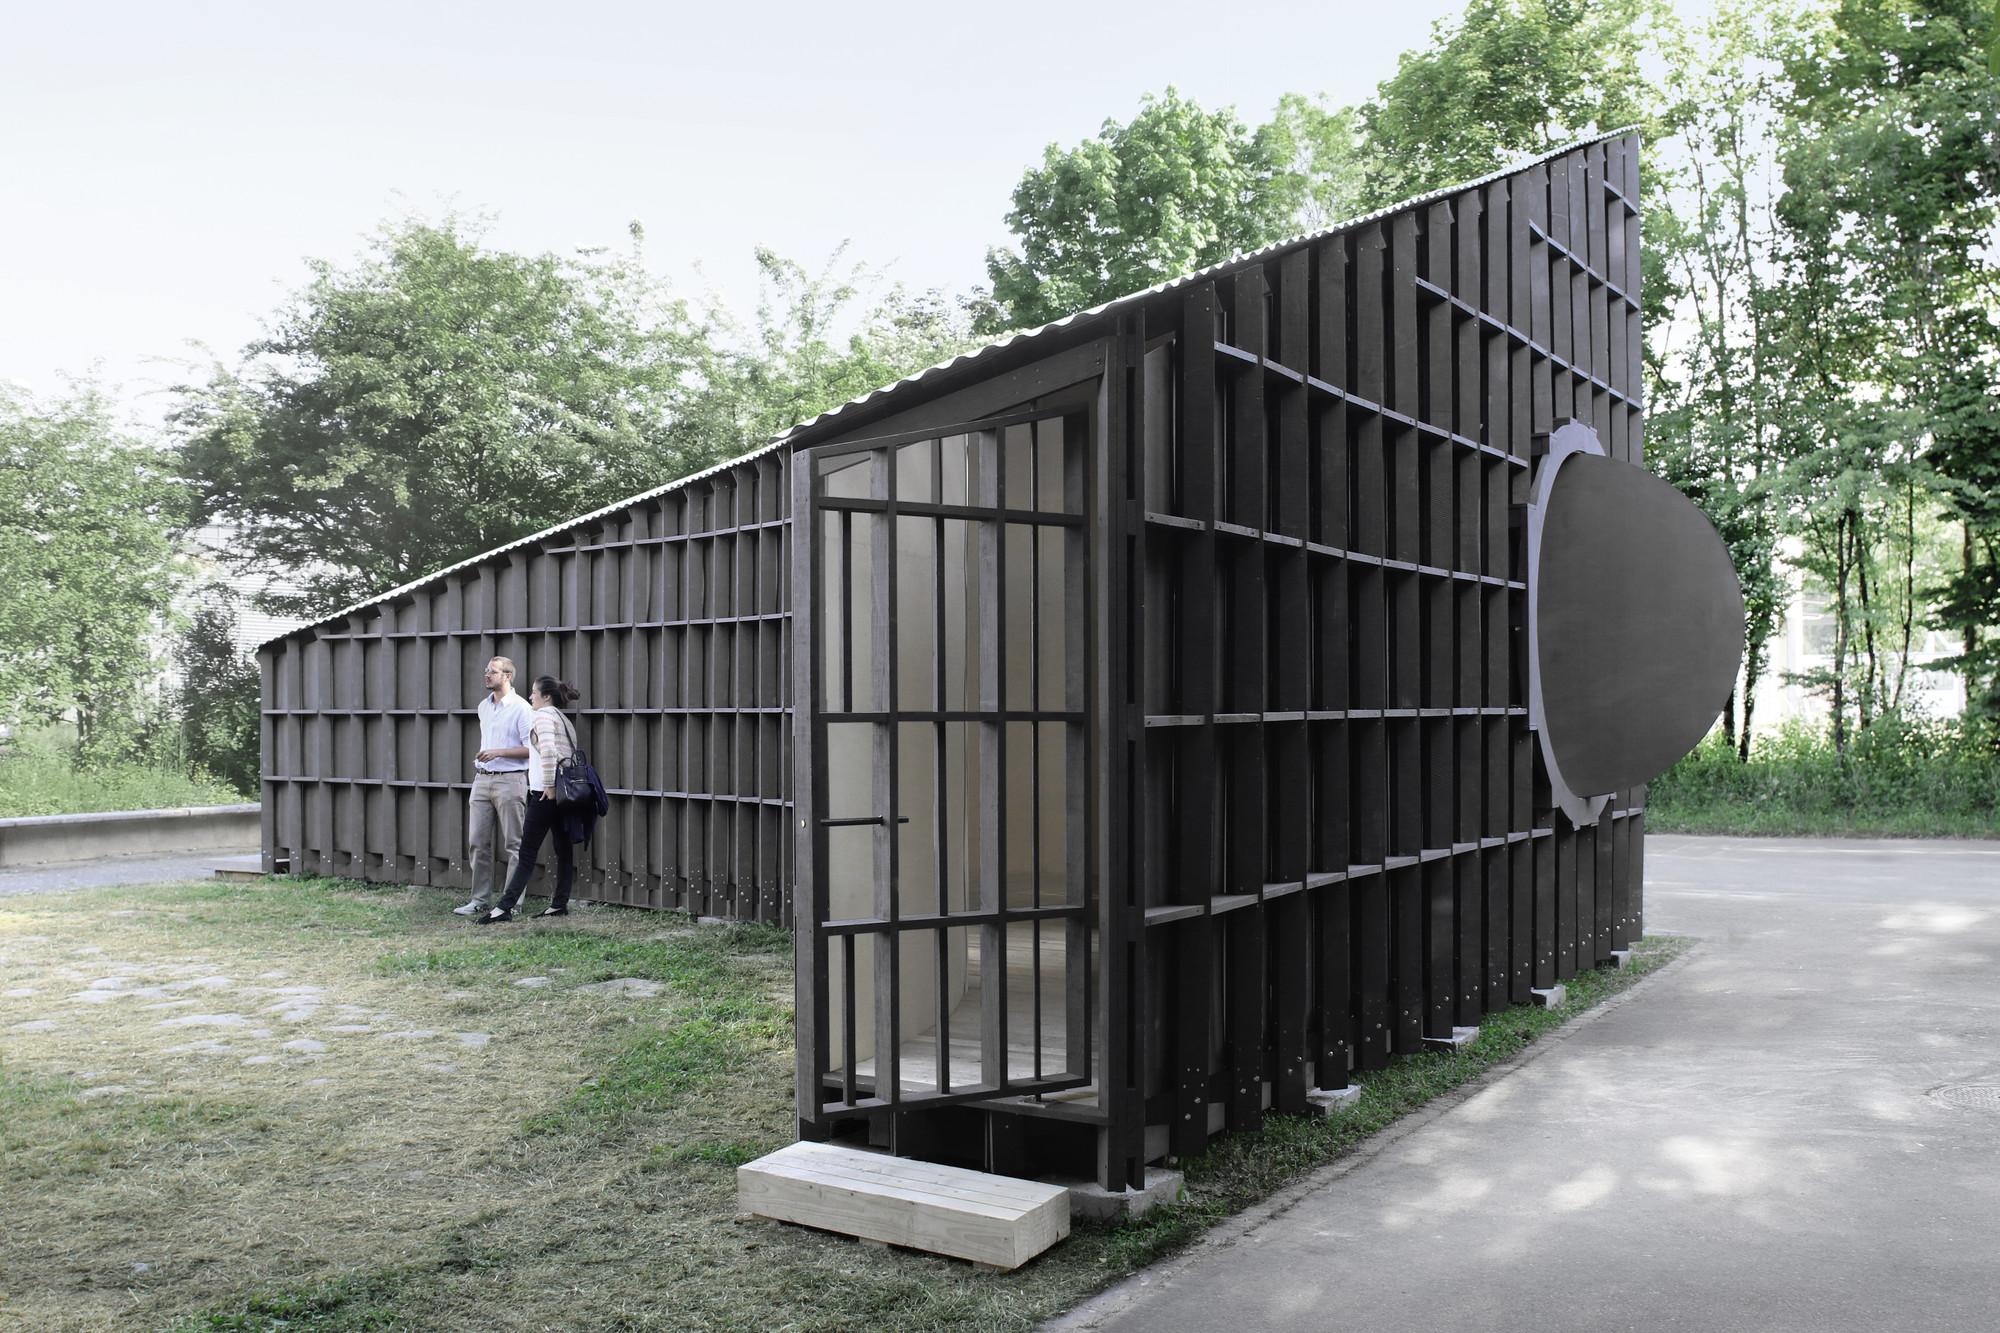 Pabellón Best Room / EAST + Aff Architekten, © Sebastian F. Lippok